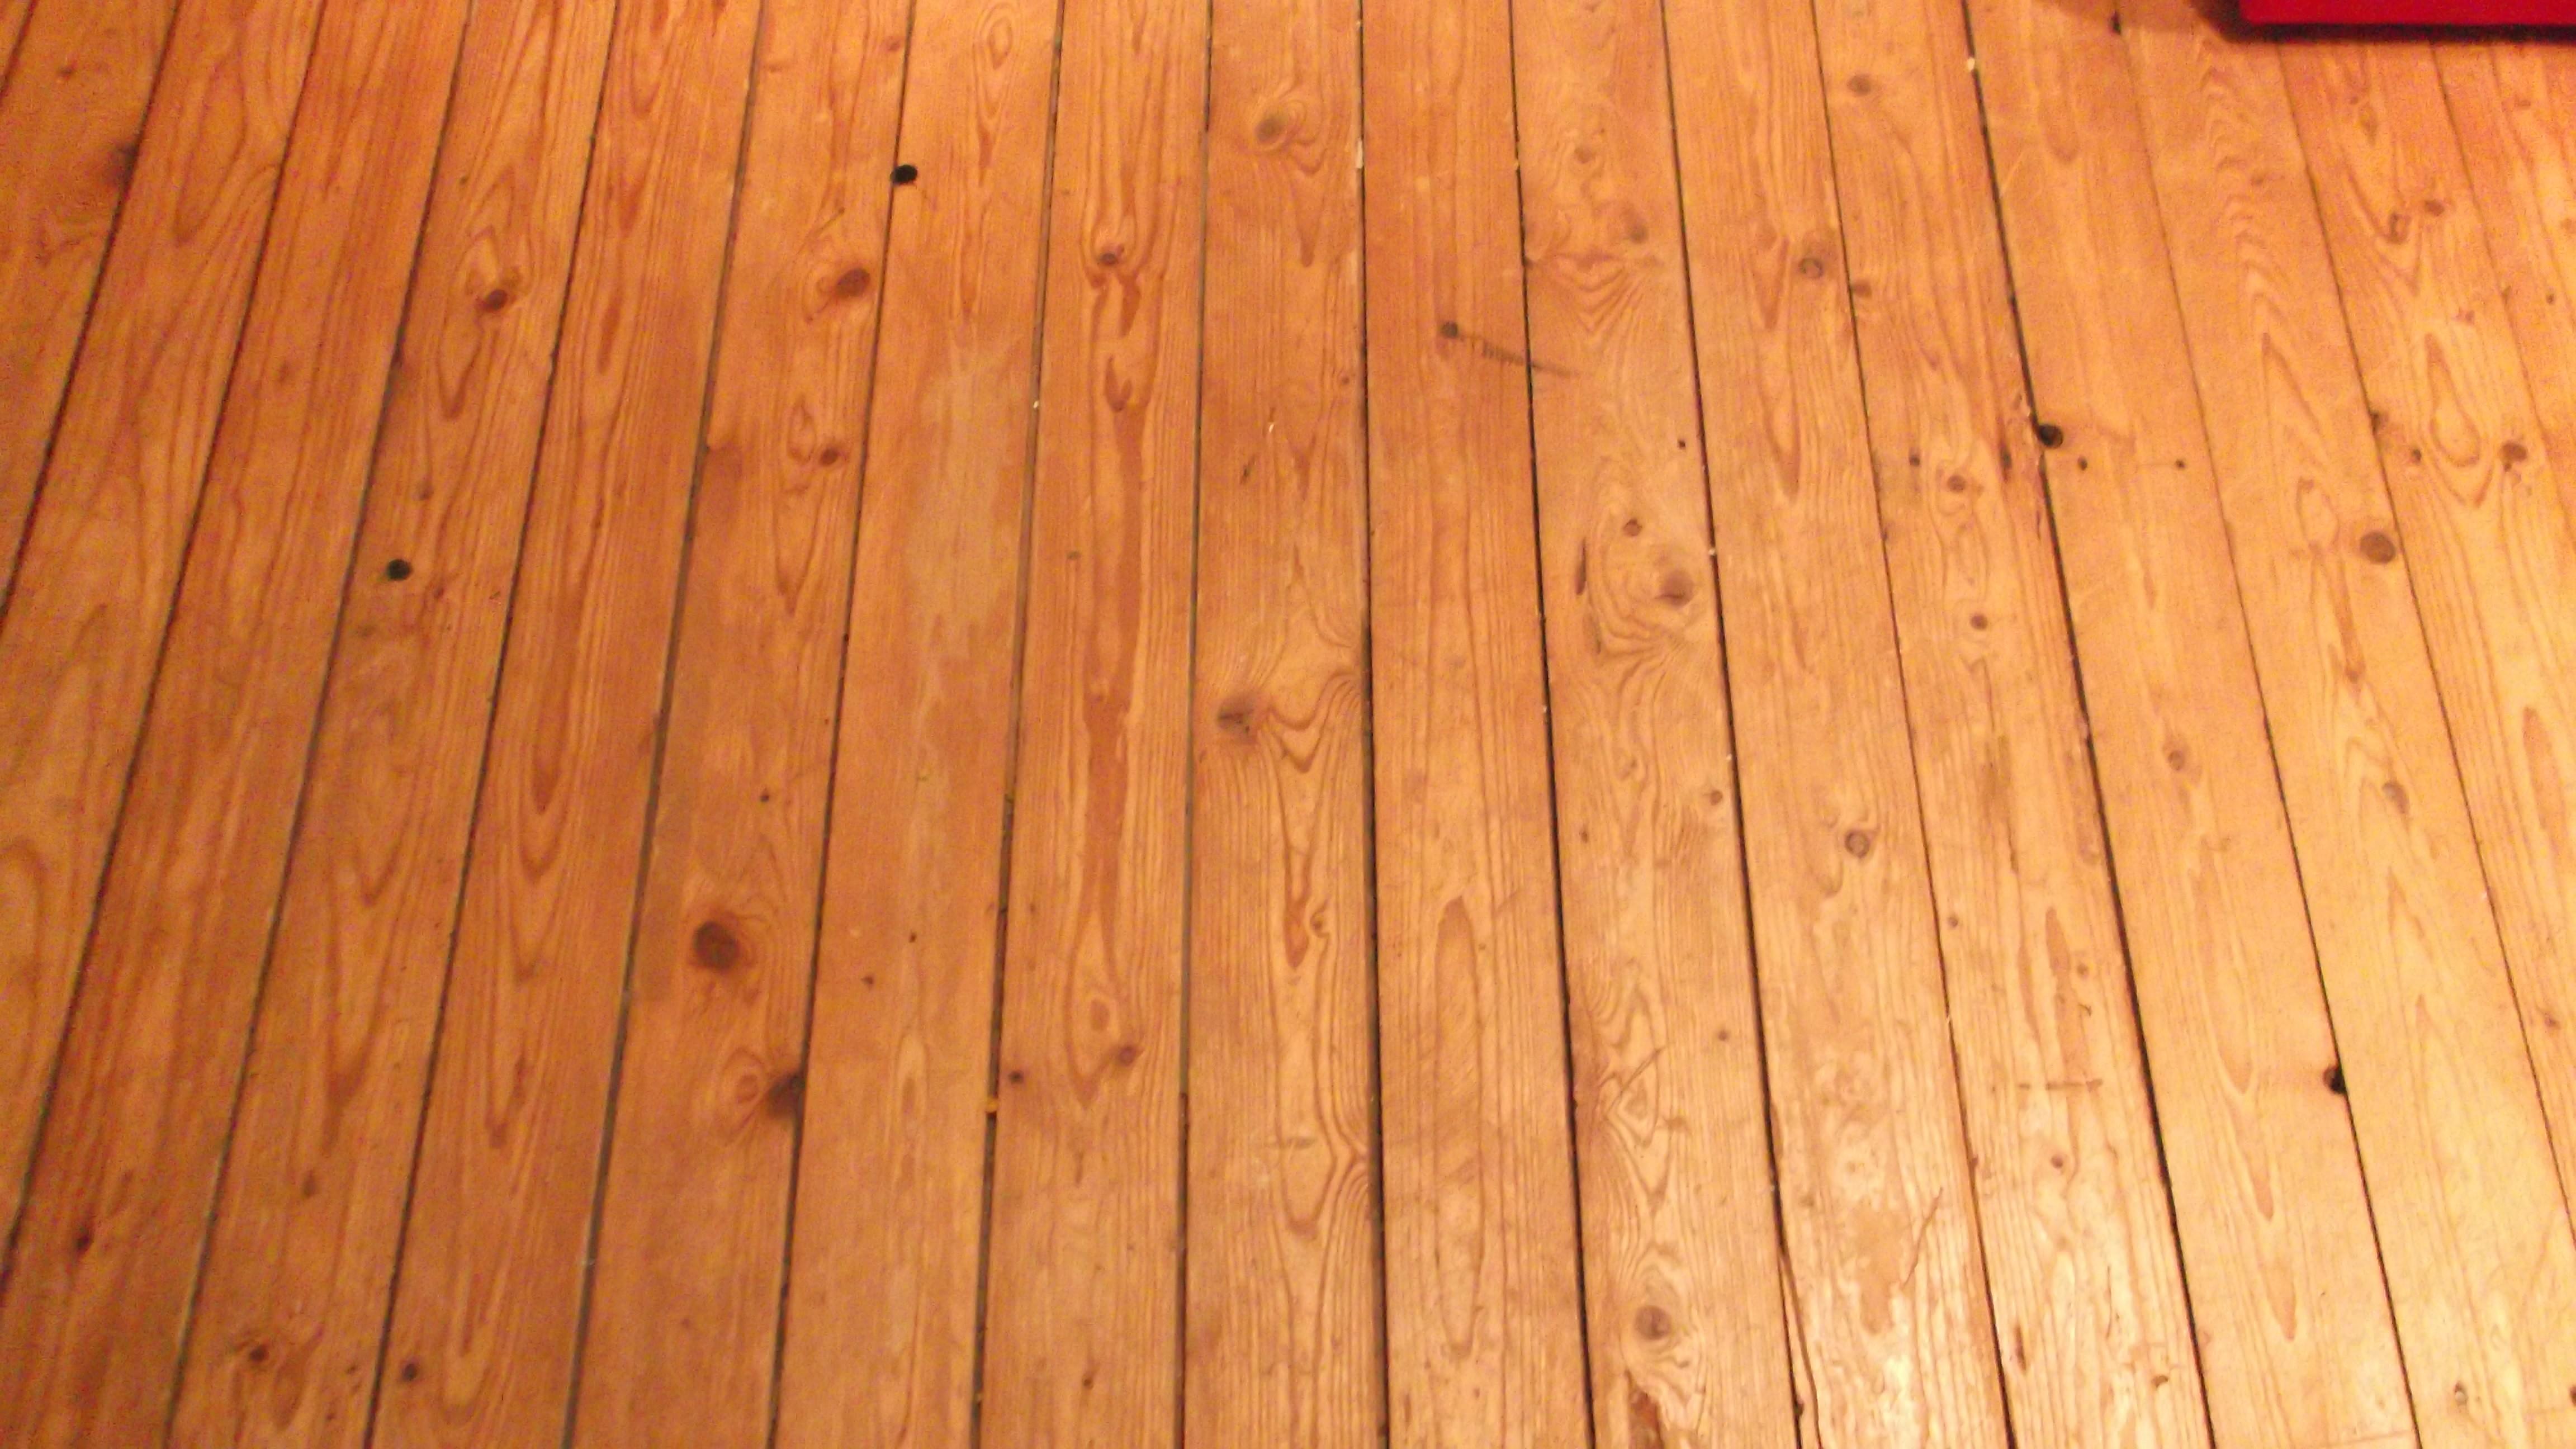 Welche Vorbereitungen Sind Nötig Für Fliesenlegen Auf Holzboden (Badezimmer)?  (Fliesen)